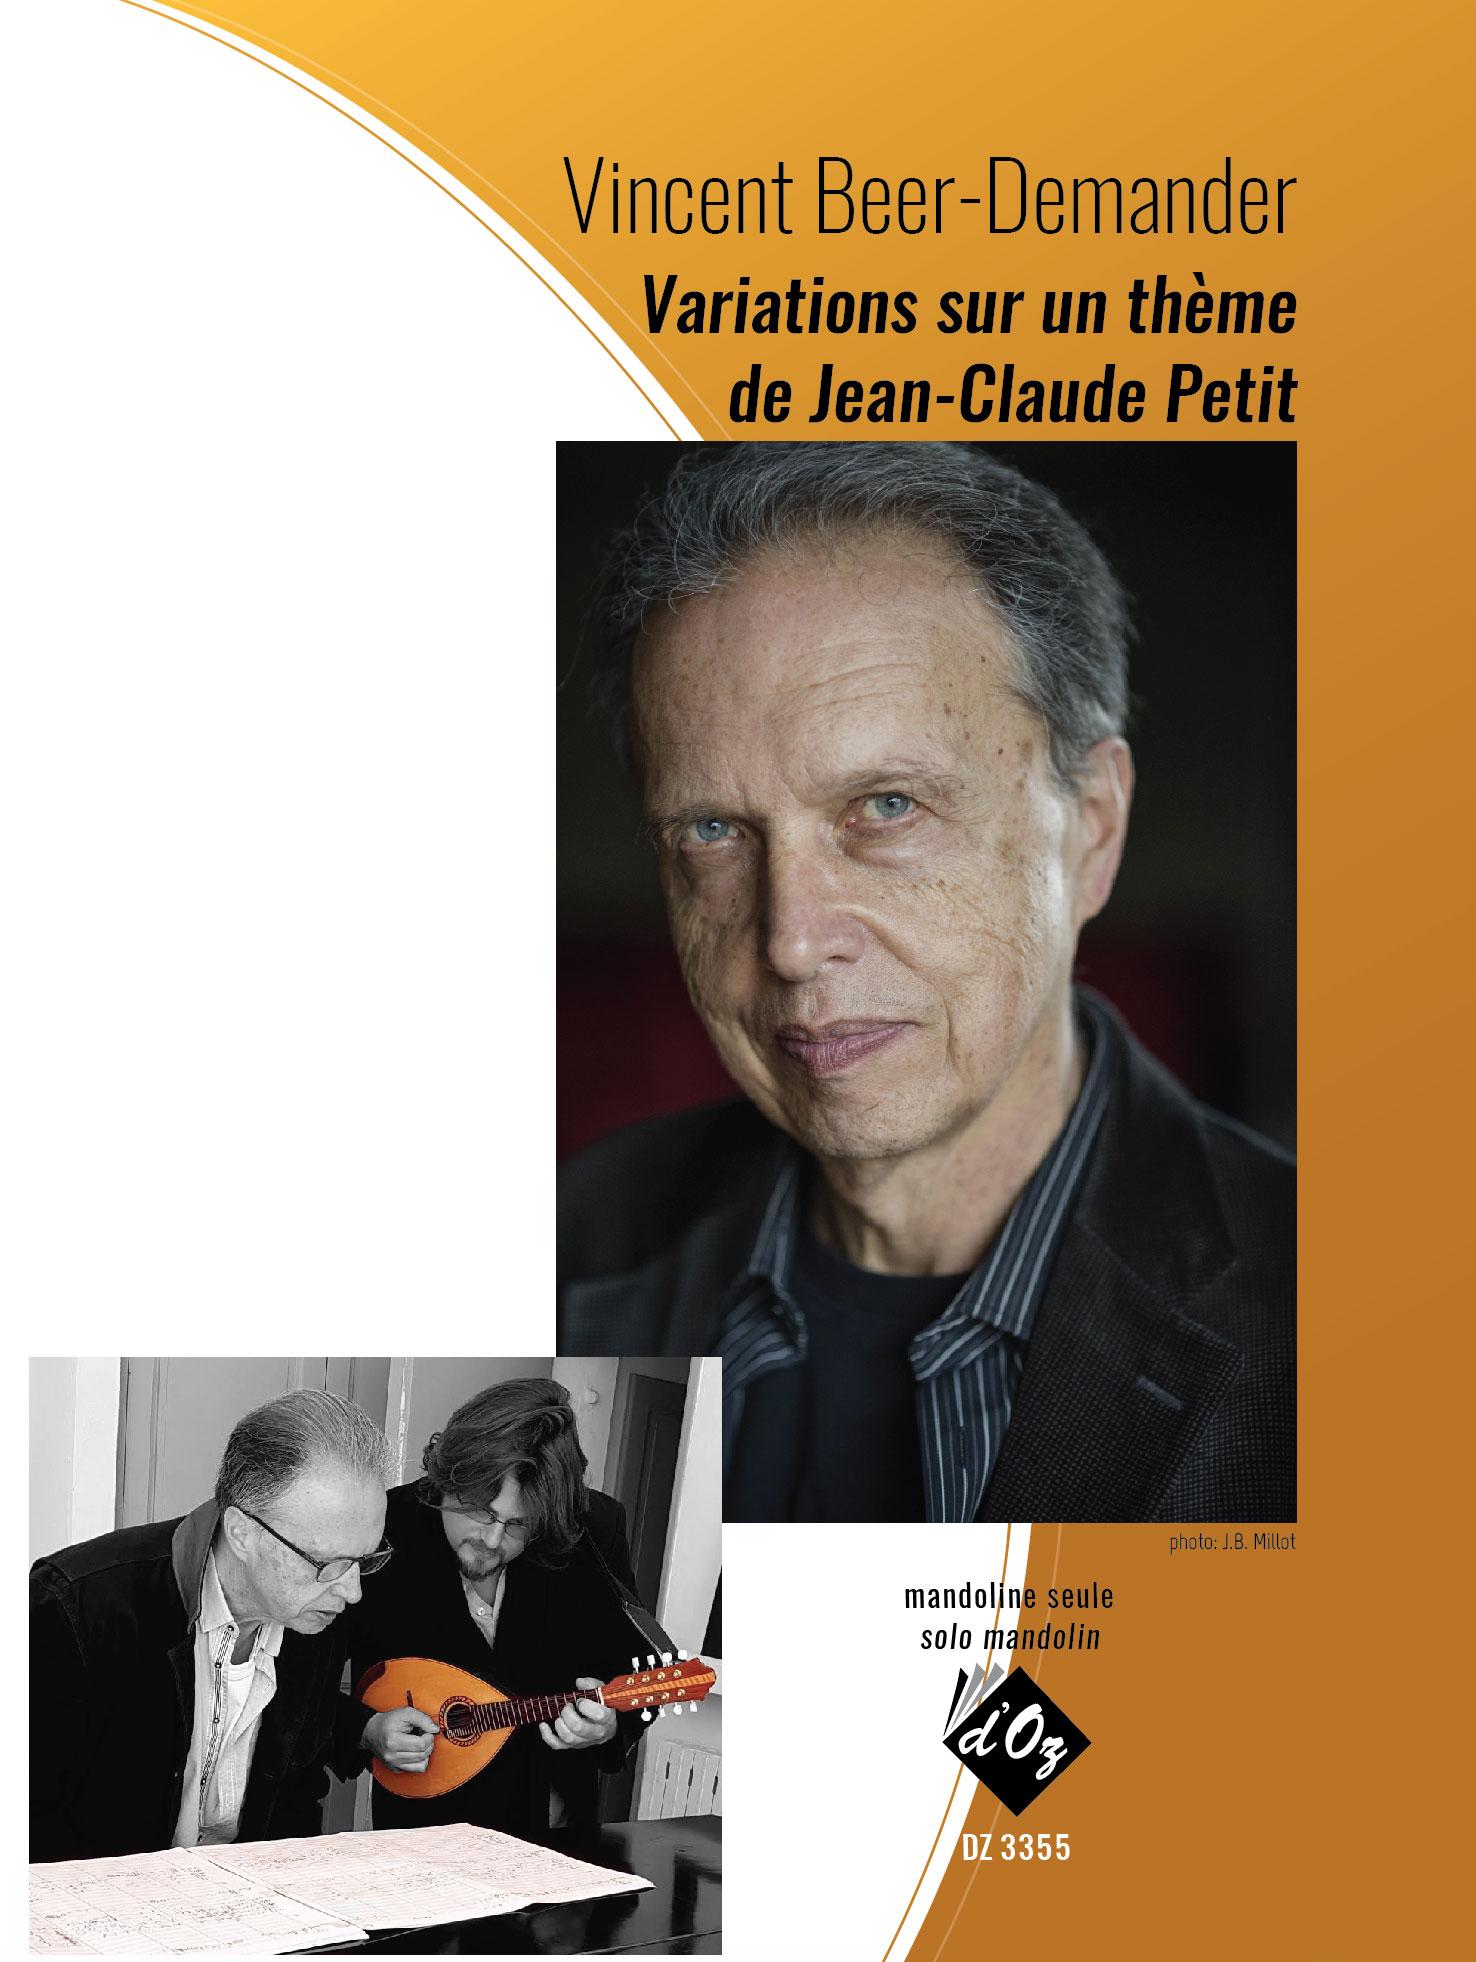 Variations sur un thème de Jean-Claude Petit